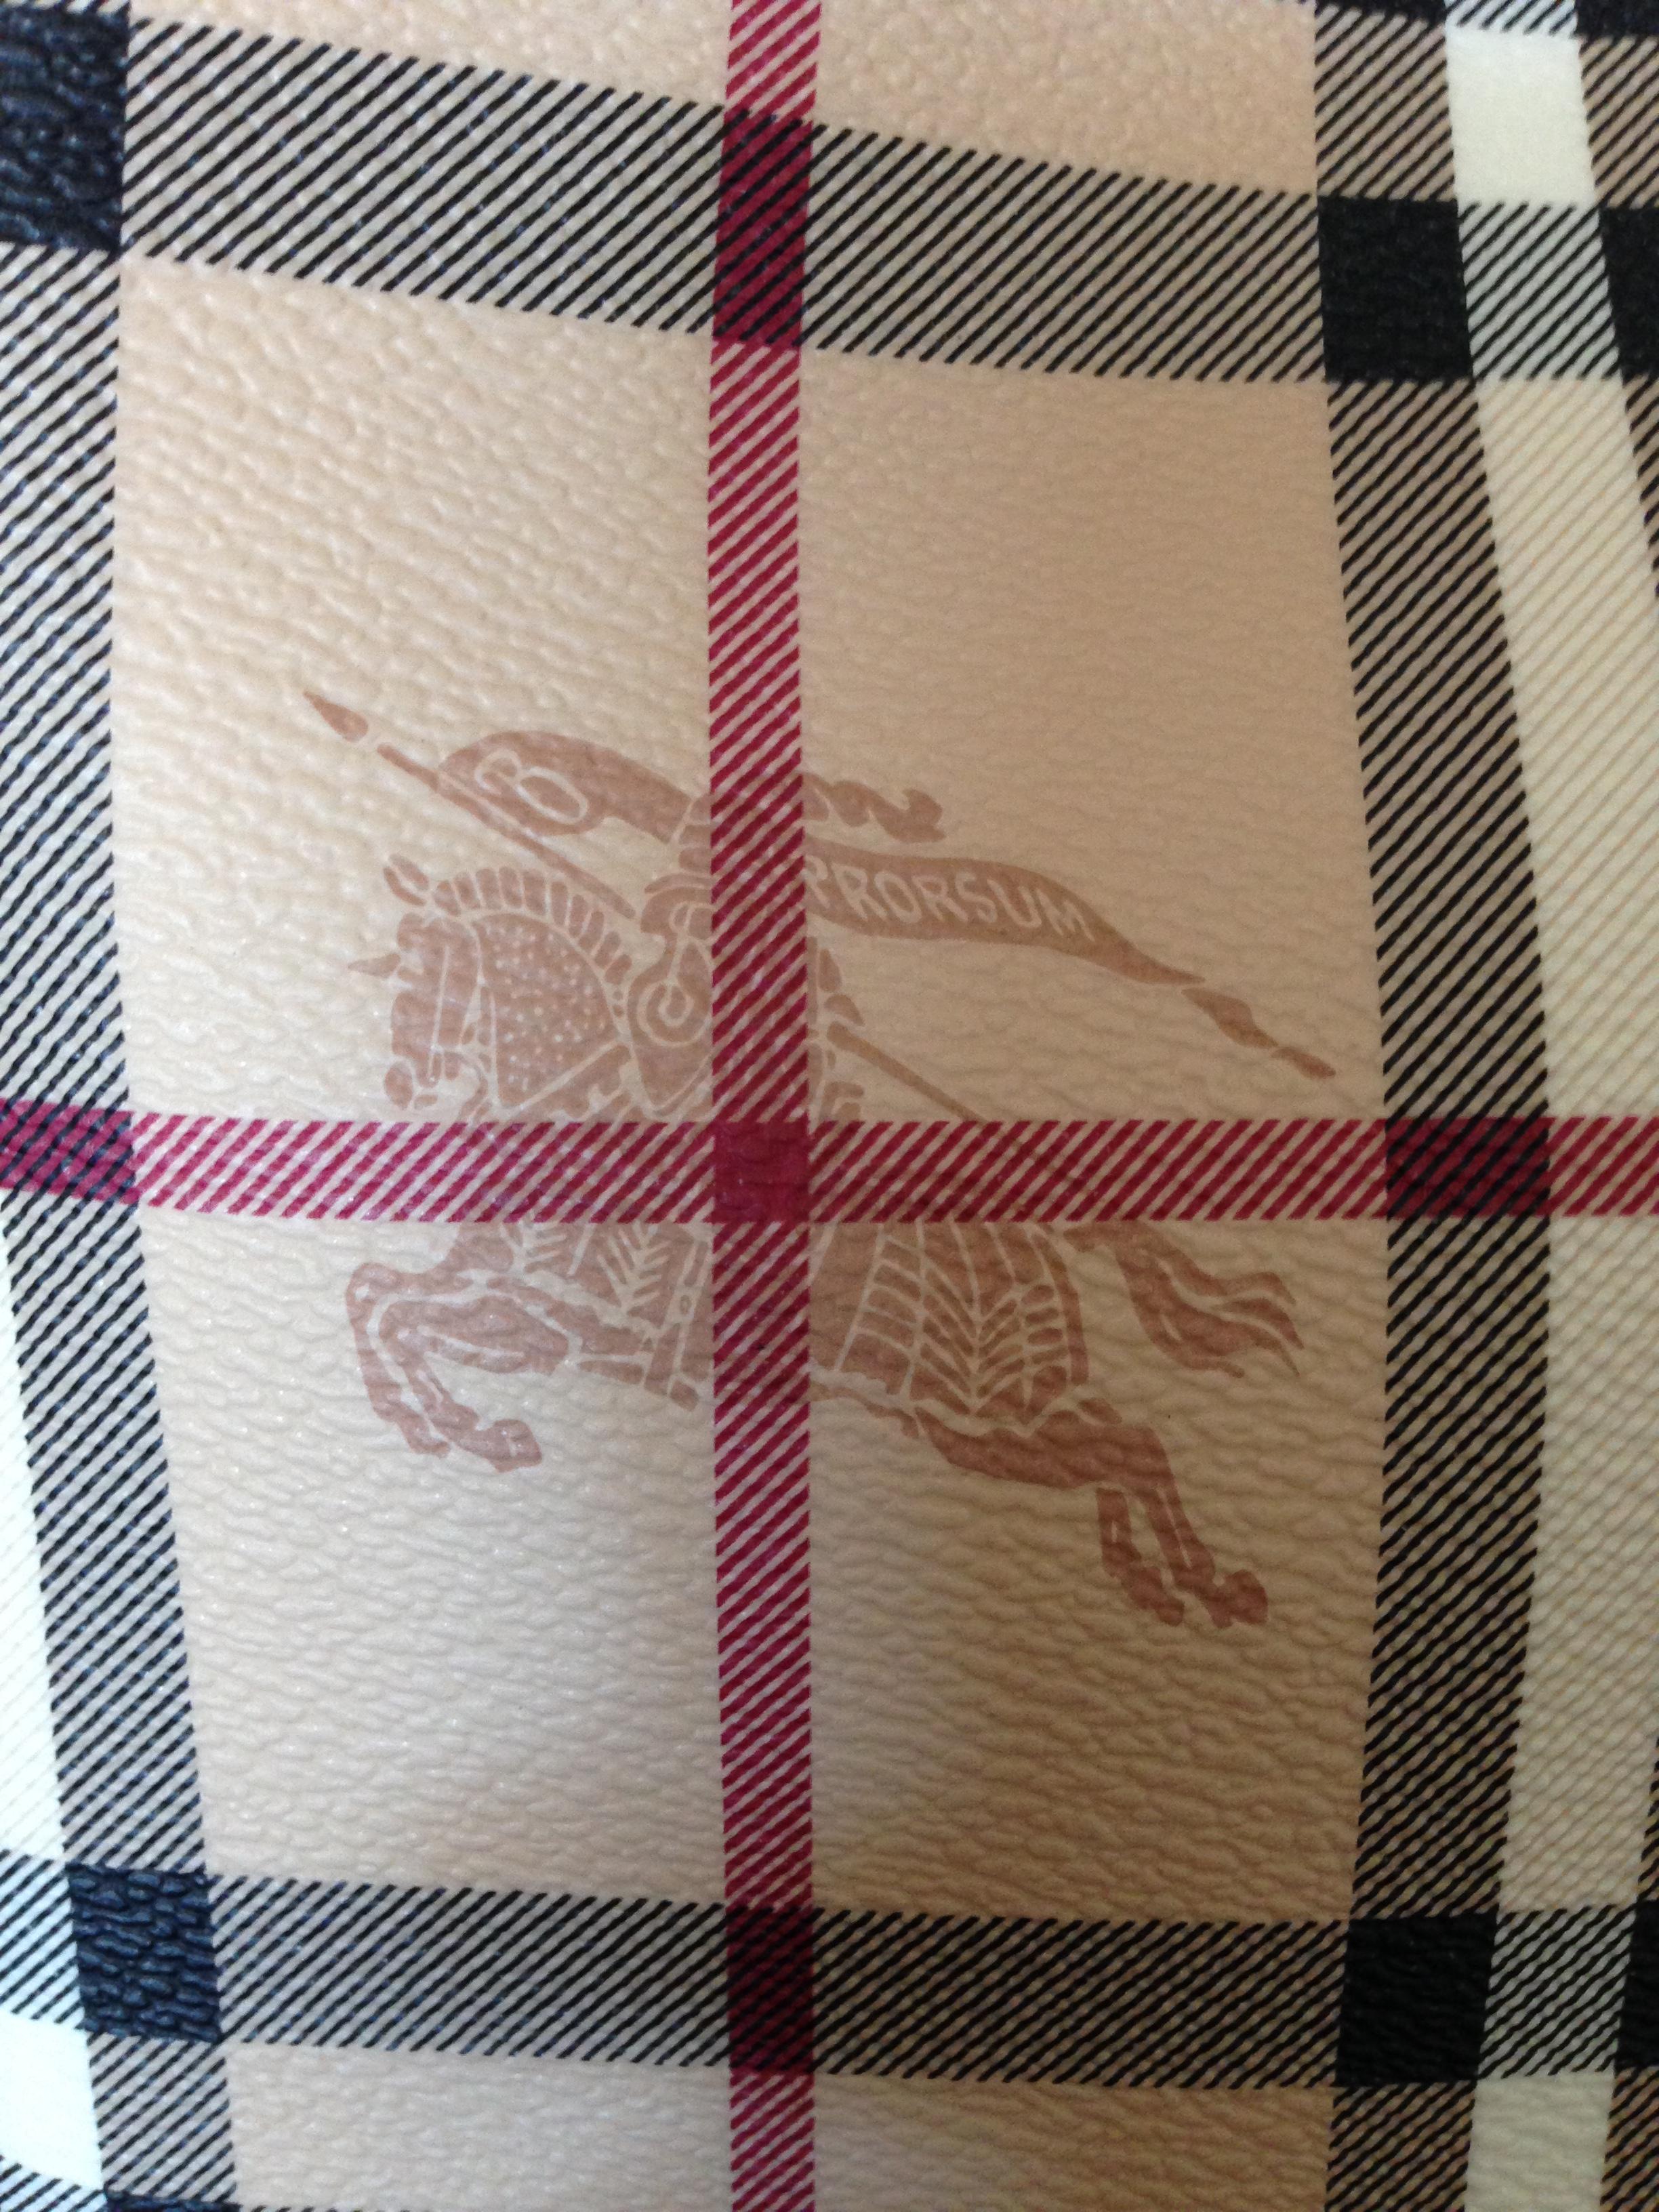 burberry – Authentic & Replica Bags & Replica Handbags Reviews by ...